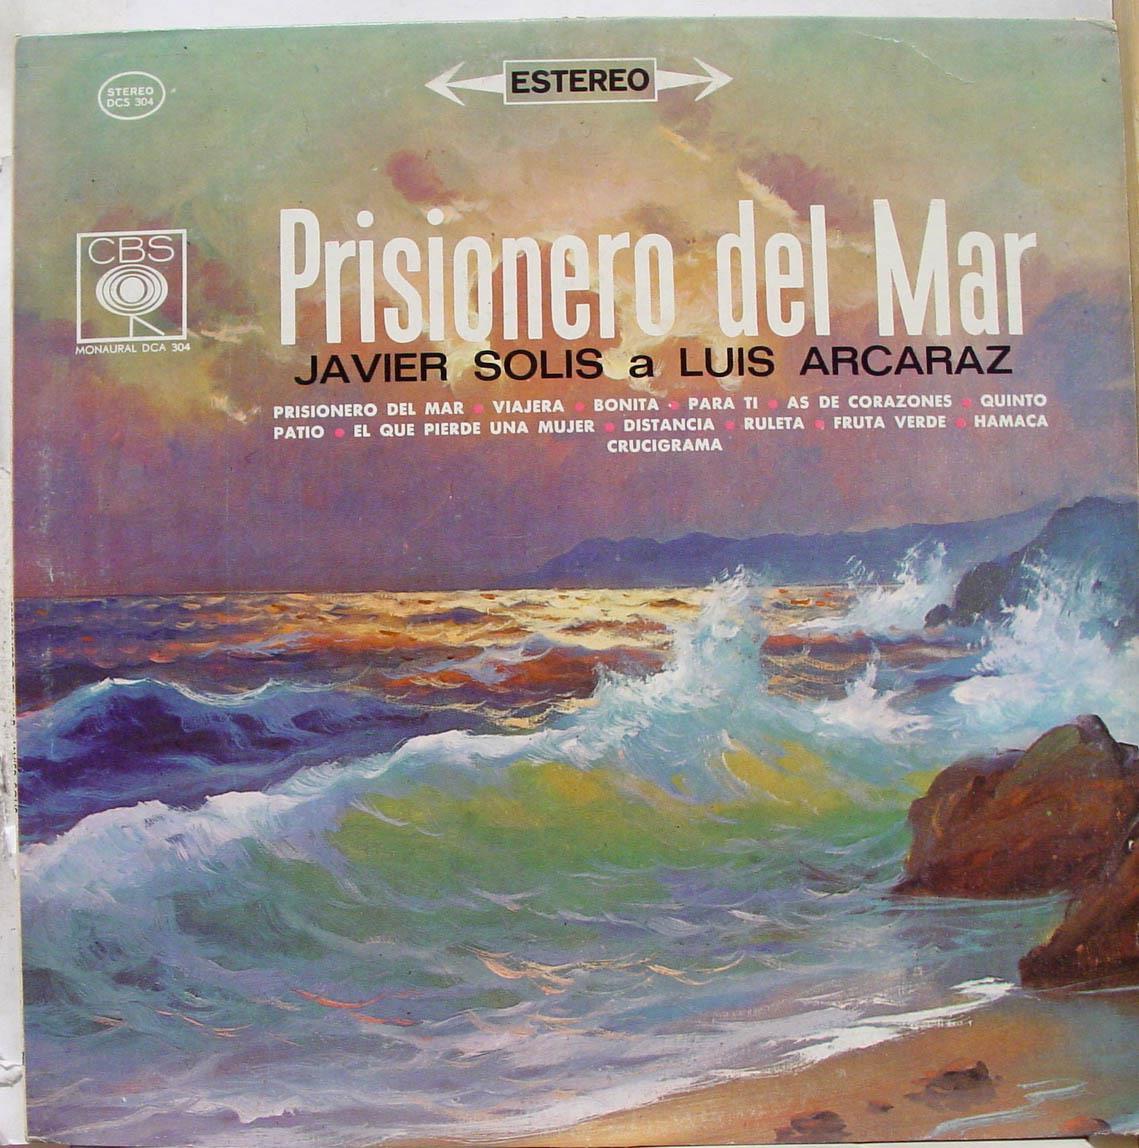 JAVIER SOLIS A LUIS ARCARAZ - PRISIONERO DEL MAR - LP